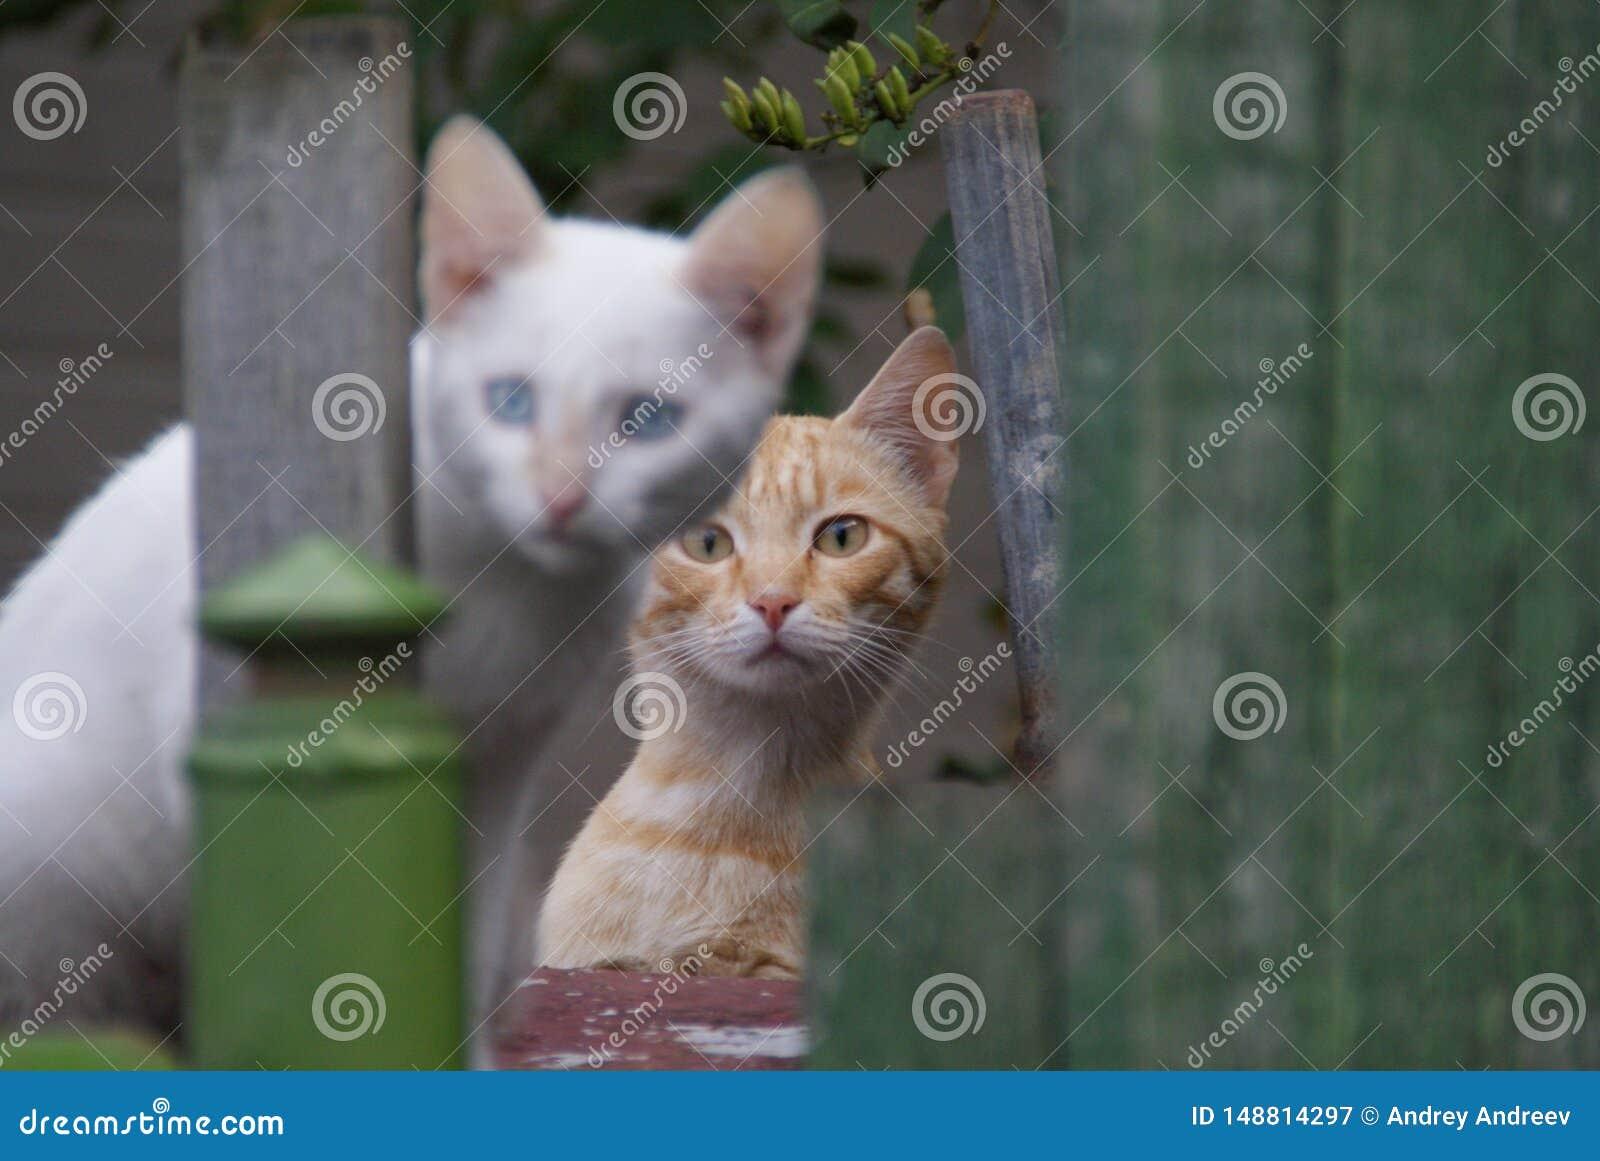 Les chats rouges et blancs vous regardent